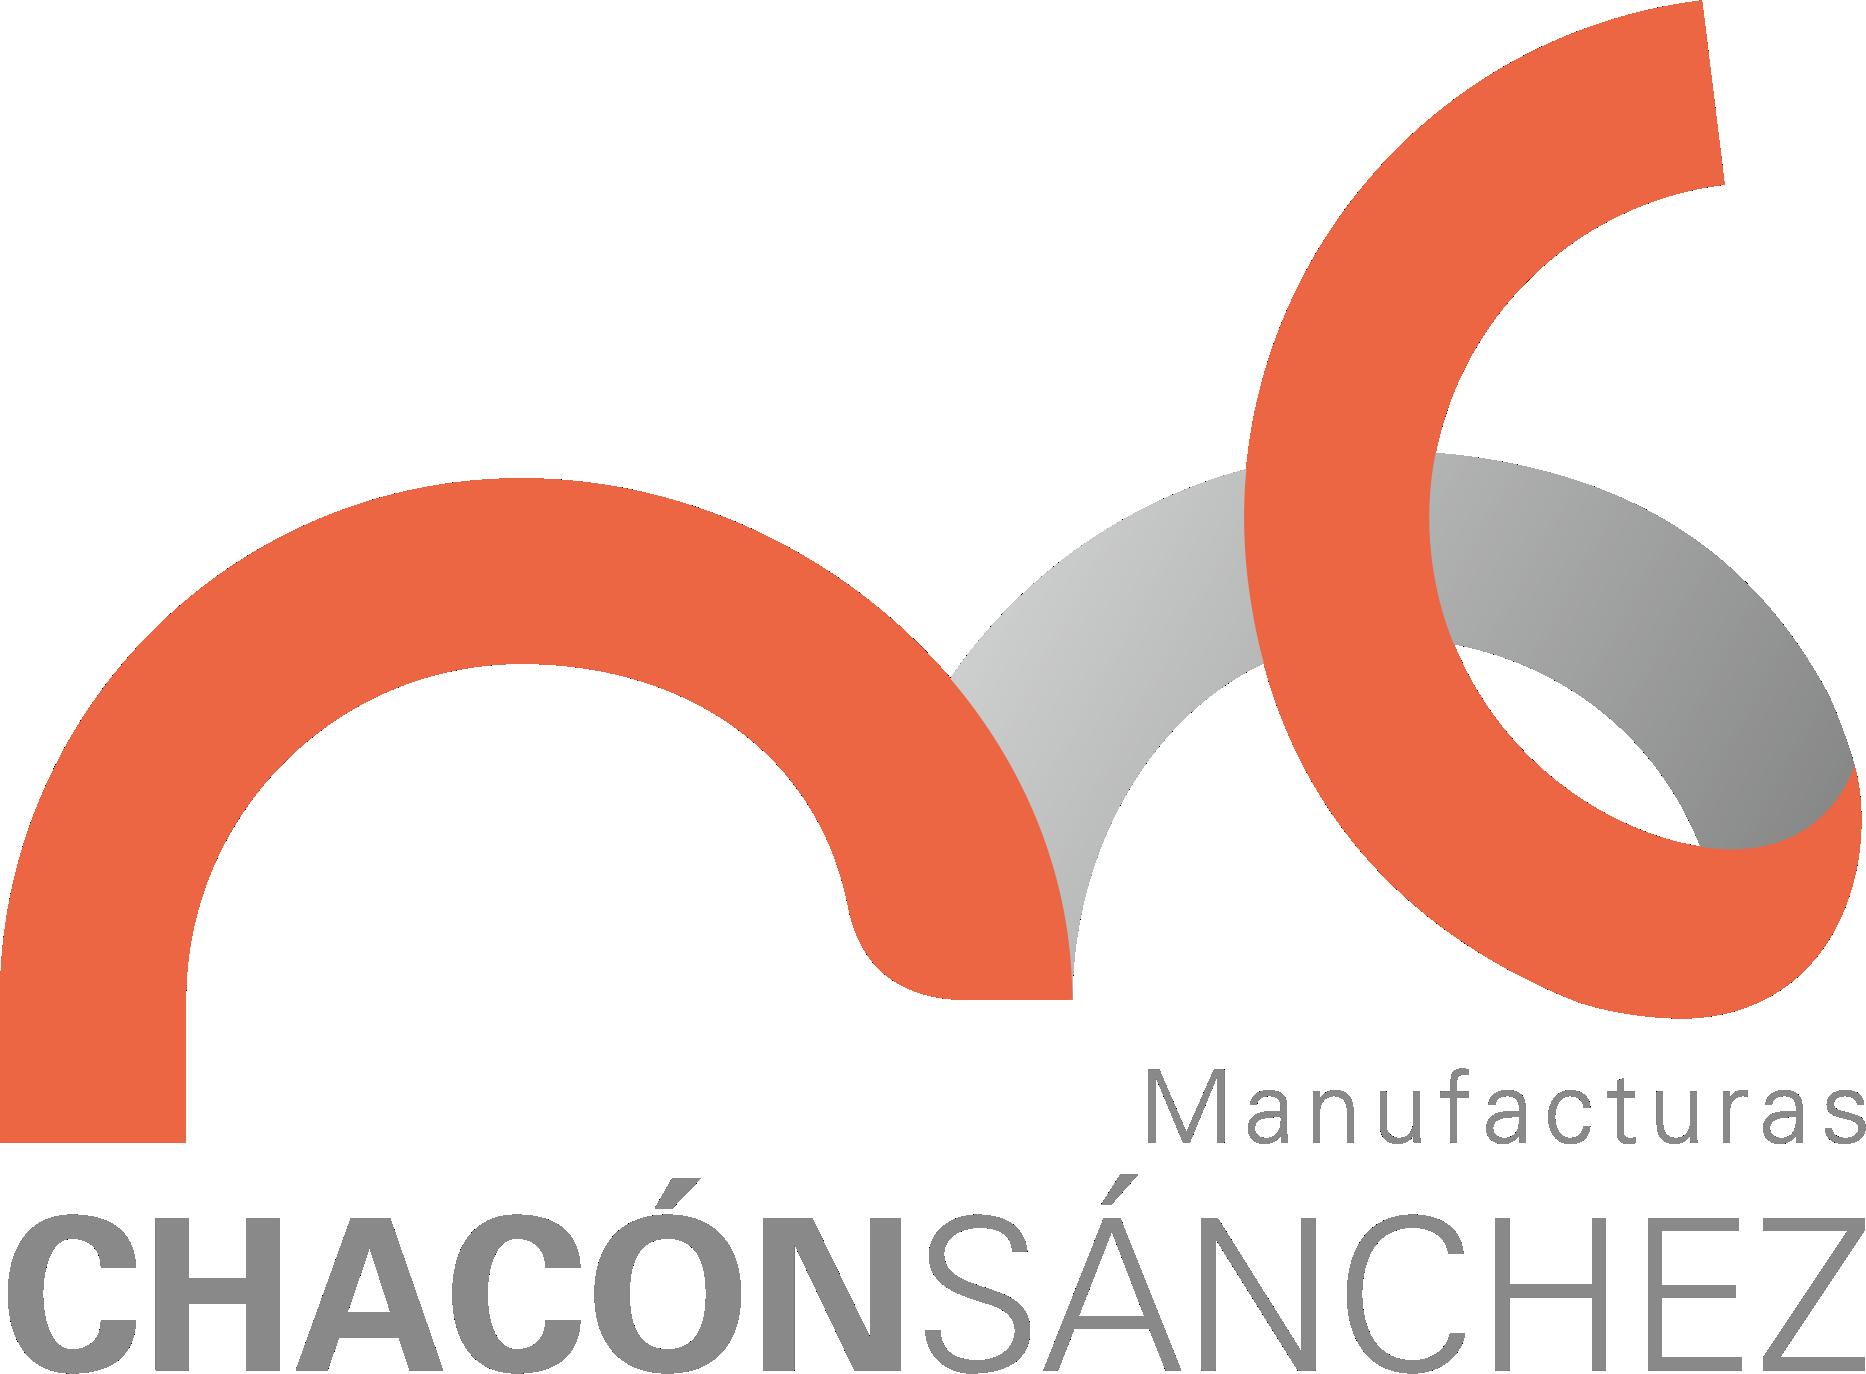 Manufacturas Chacón Sánchez